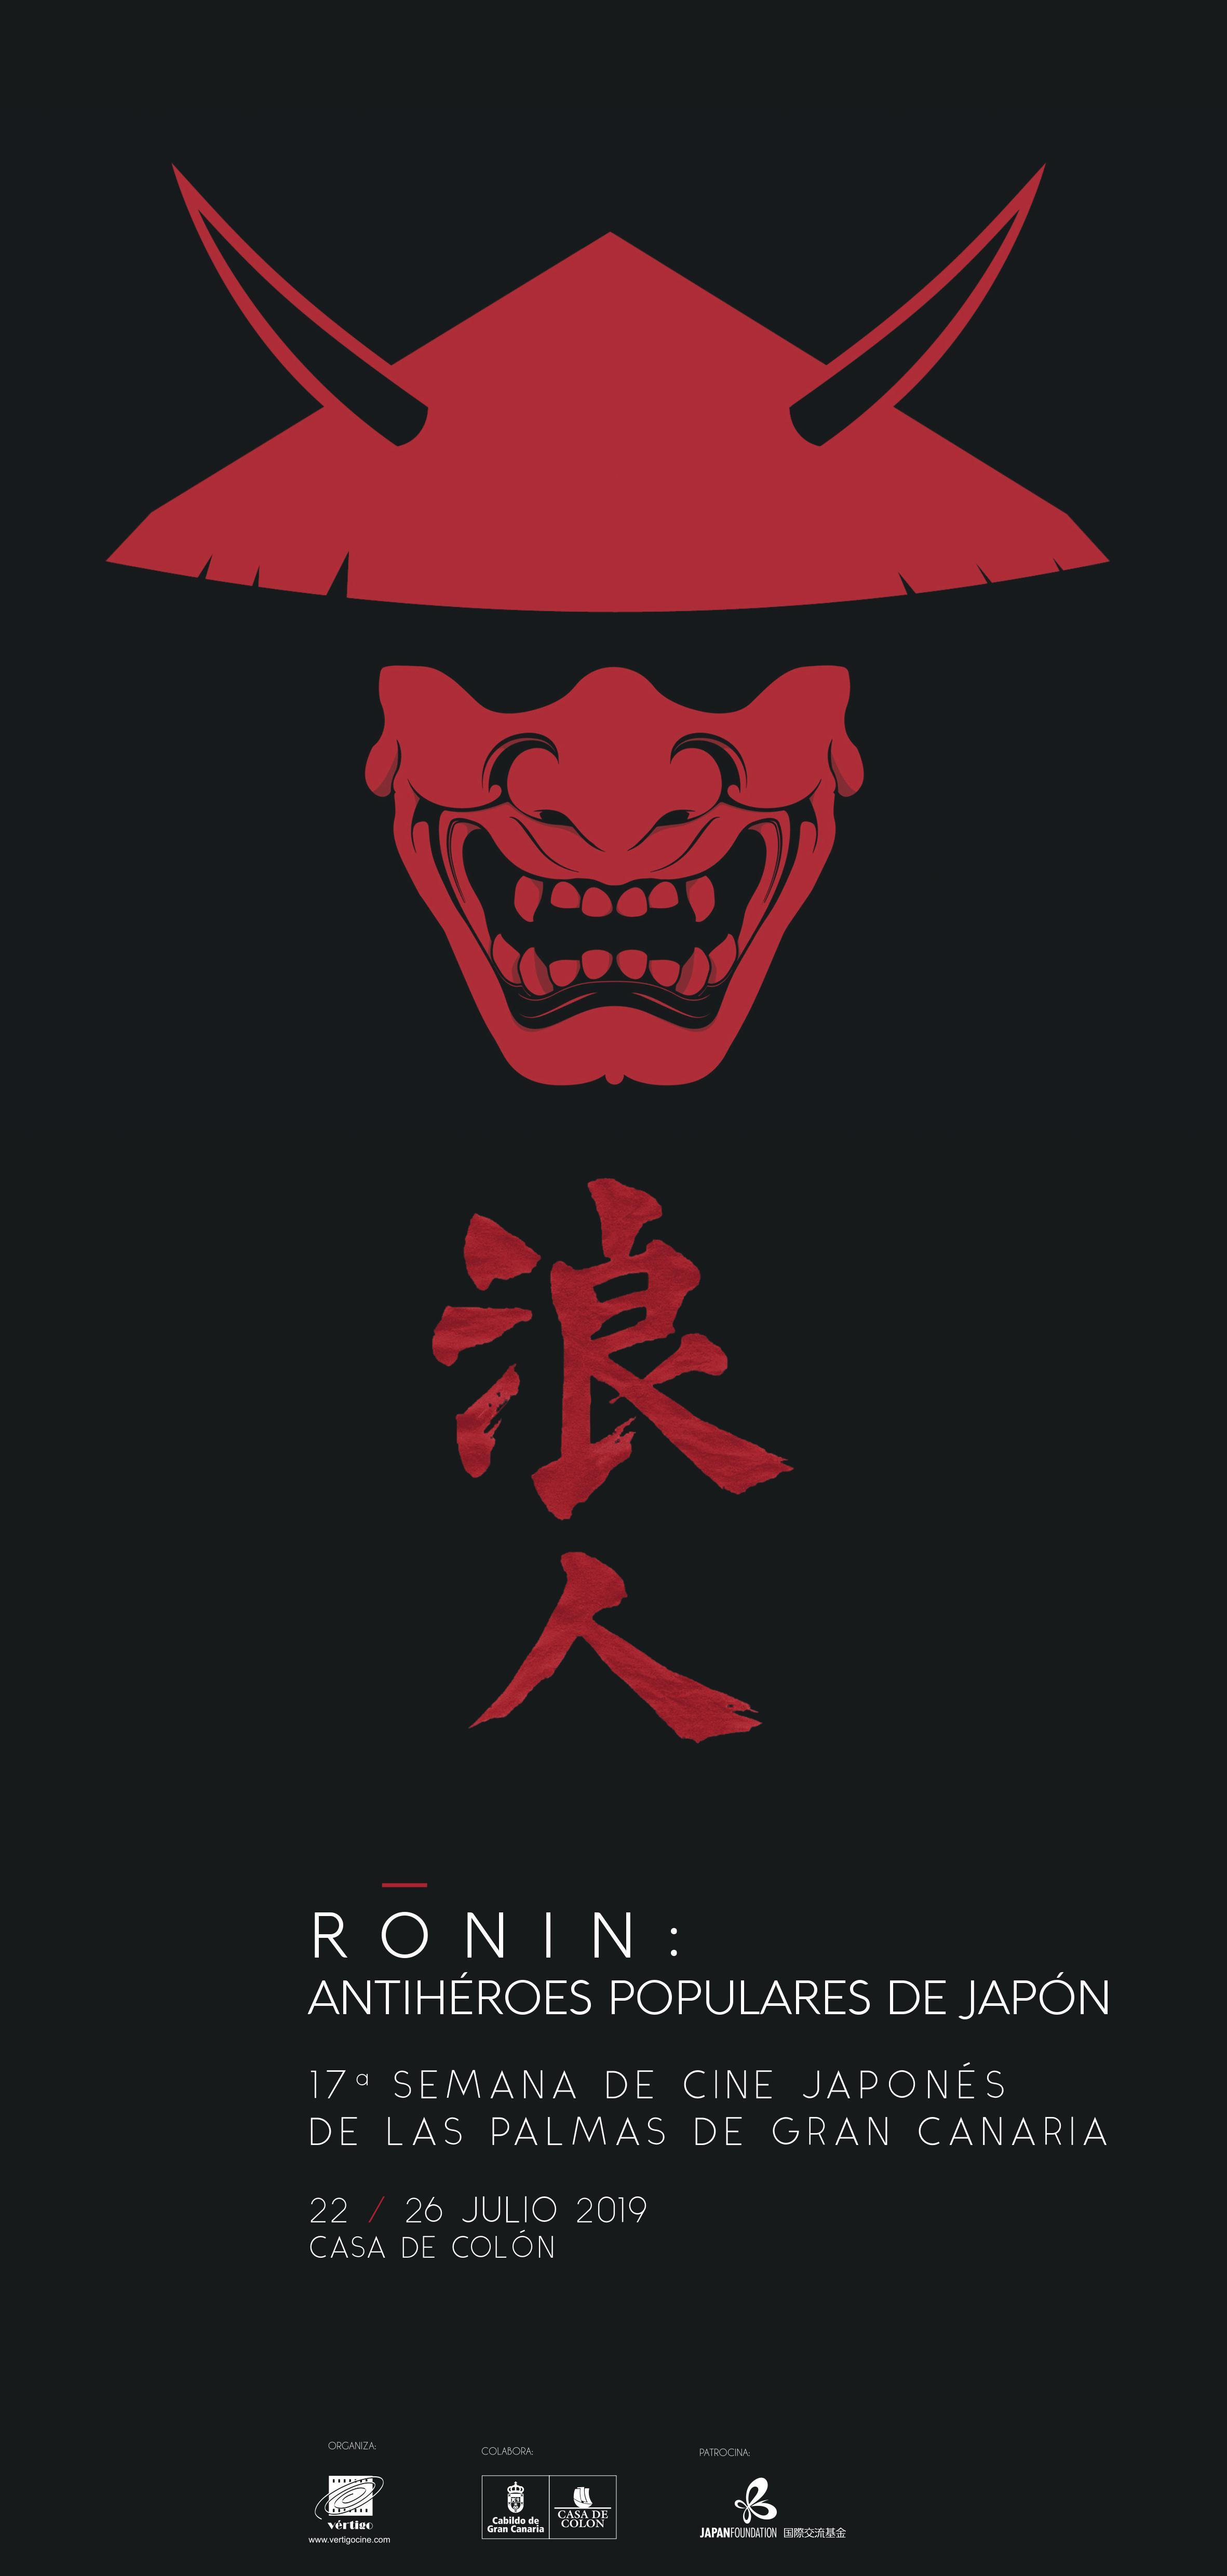 Cartel de la 17ª Semana de Cine Japonés, diseñado por José Manuel Ramírez Hernández